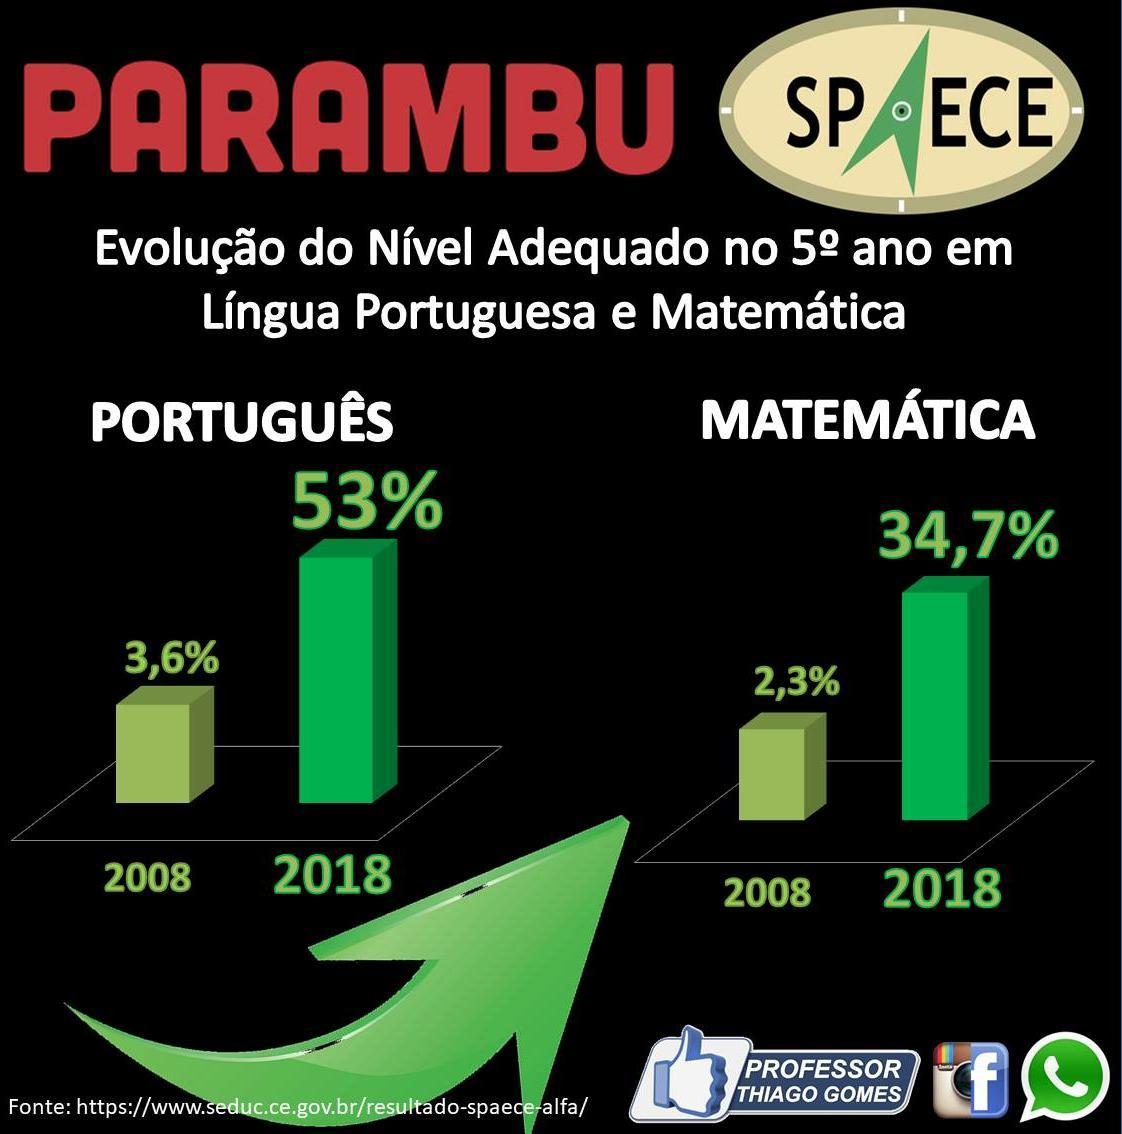 Parambu mais uma vez se destaca no Sistema Permanente da Educação Básica do Ceará